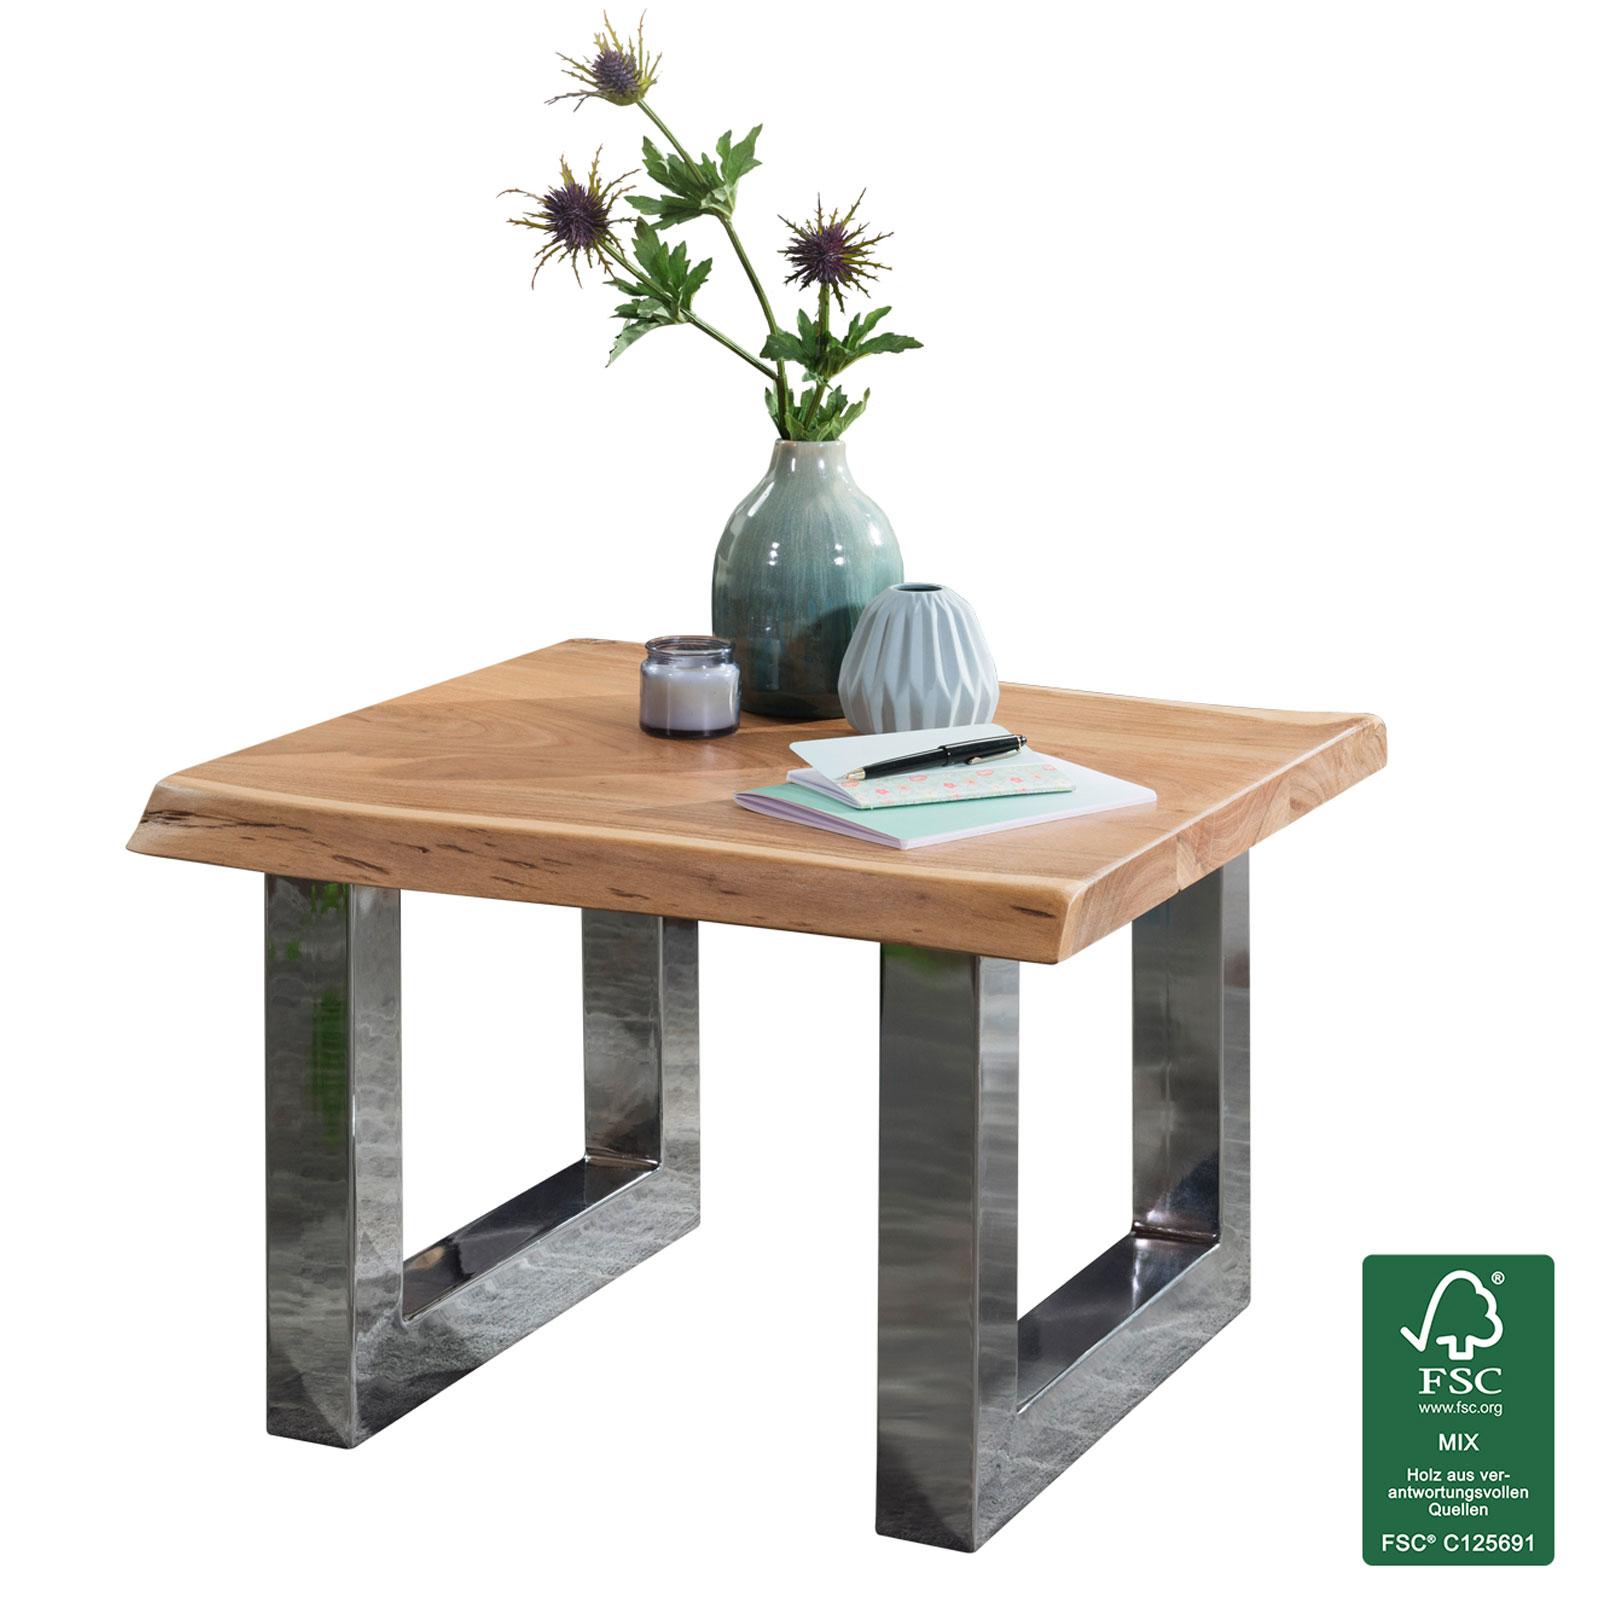 Couchtisch Akazie 58x40x60cm Wohnzimmertisch Holz Massiv Baumkante